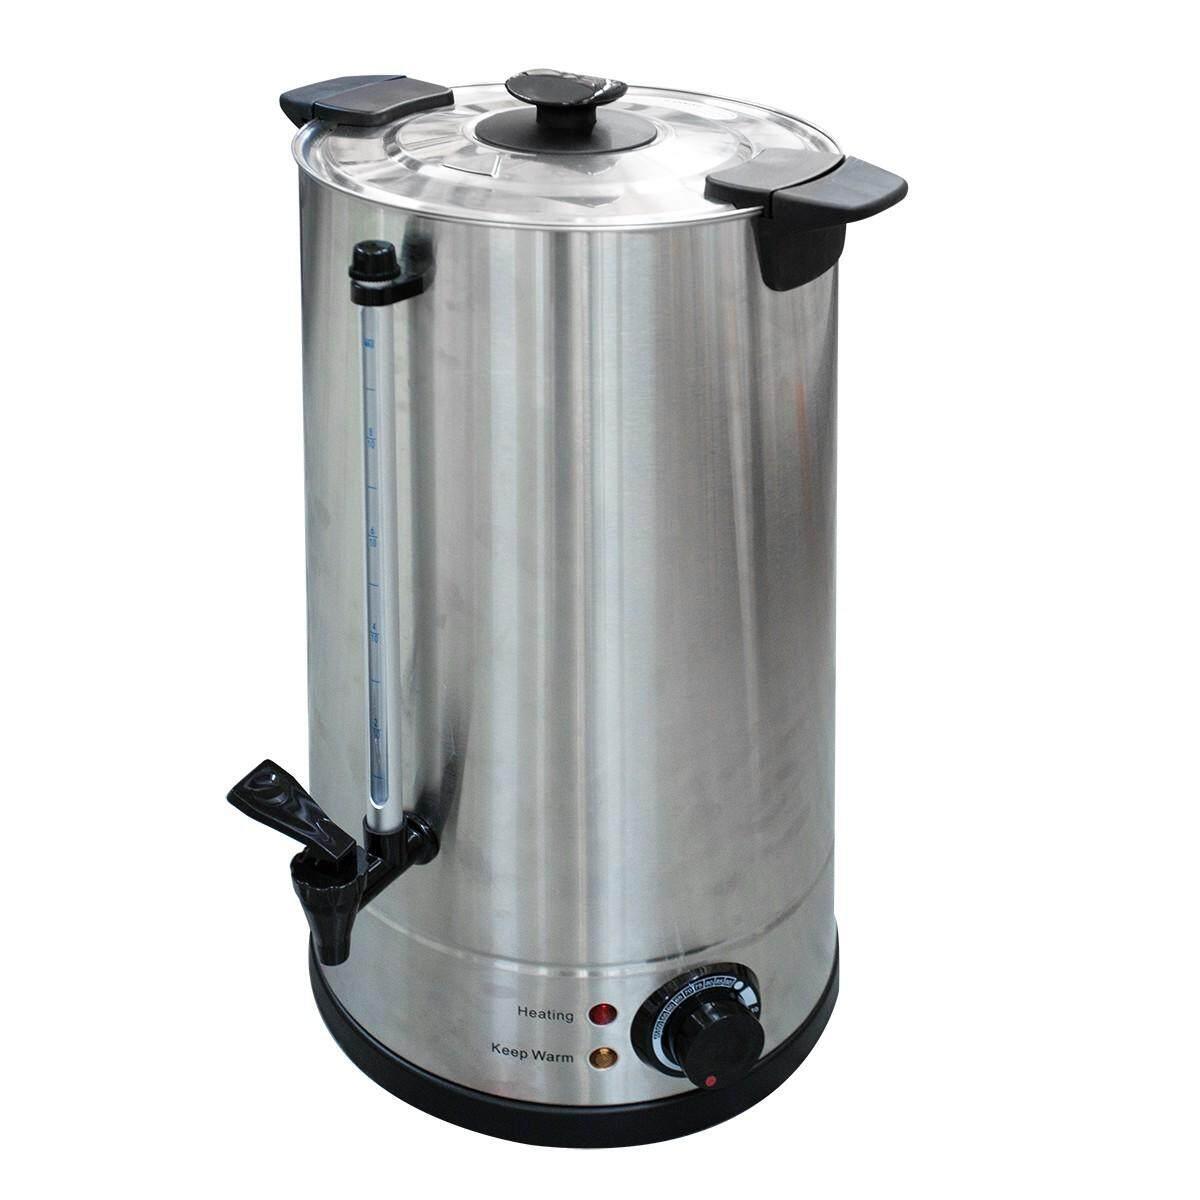 ถังต้มน้ําไฟฟ้า Bronos ถังต้มน้ำไฟฟ้า 20 ลิตร รุ่น Rwb015d-20bm.